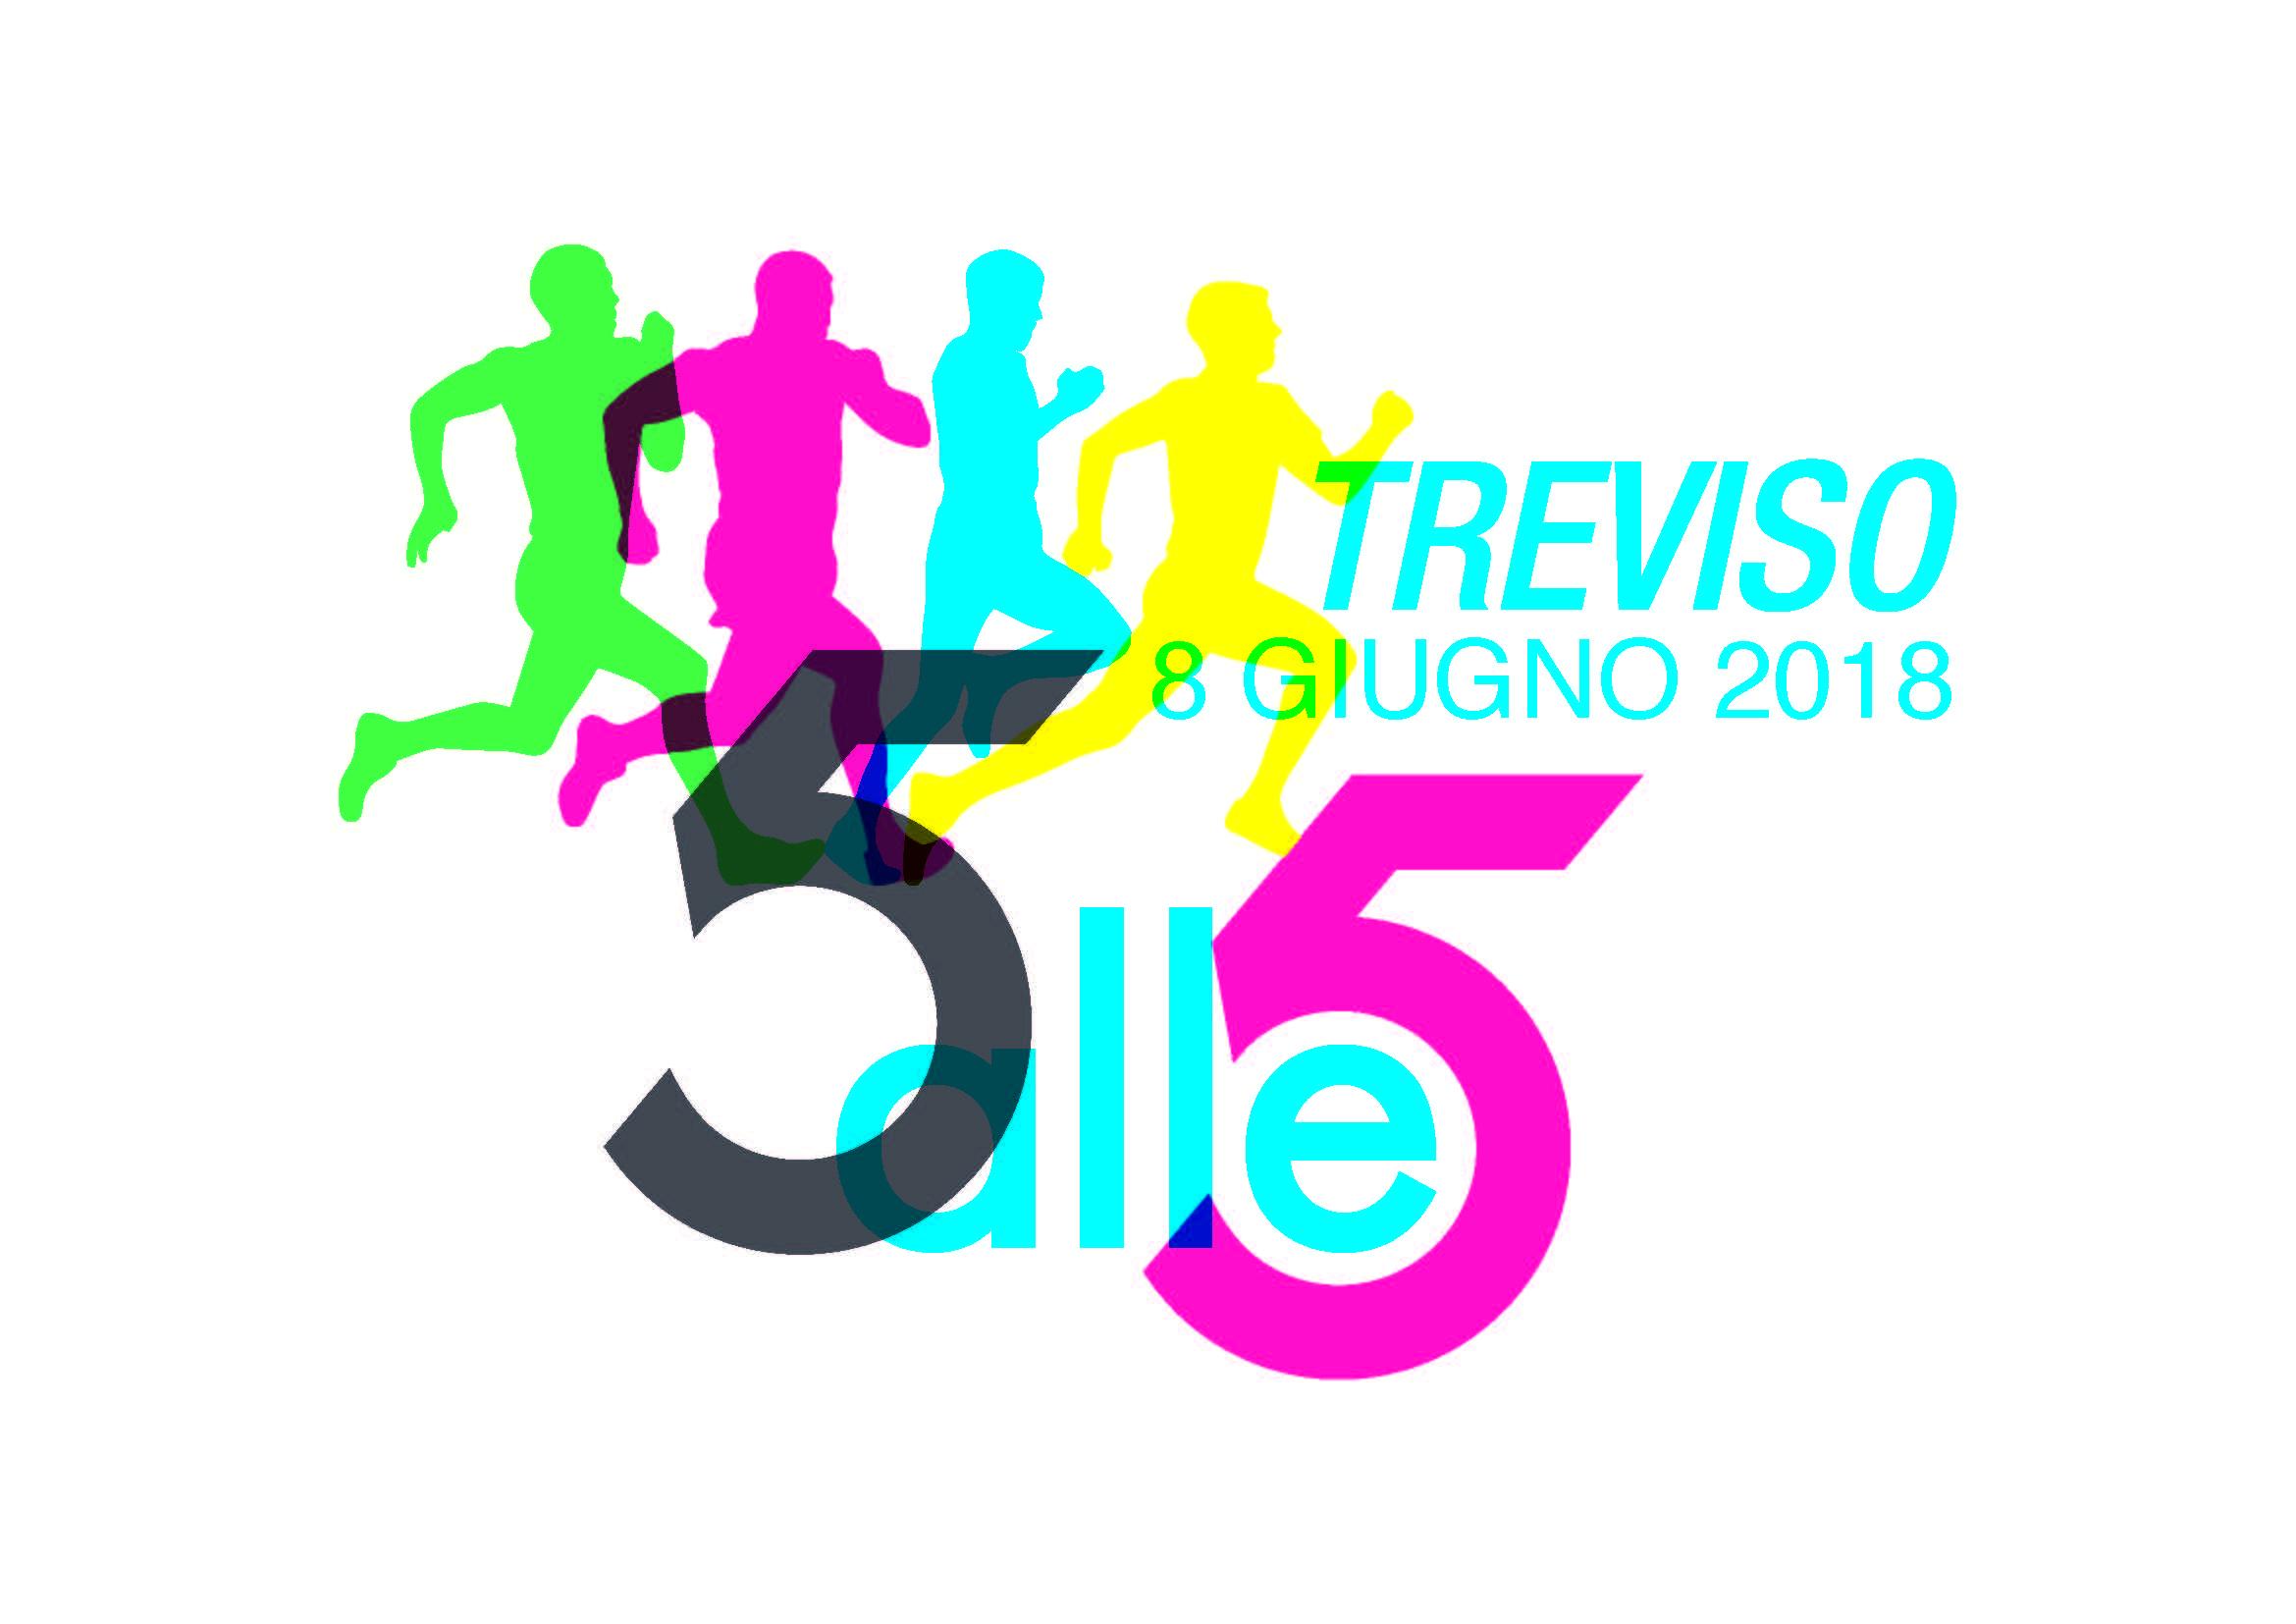 5-alle-5_collaborazione-eroica15-18_comitato-maratonina-della-vittoria_vittorio-veneto